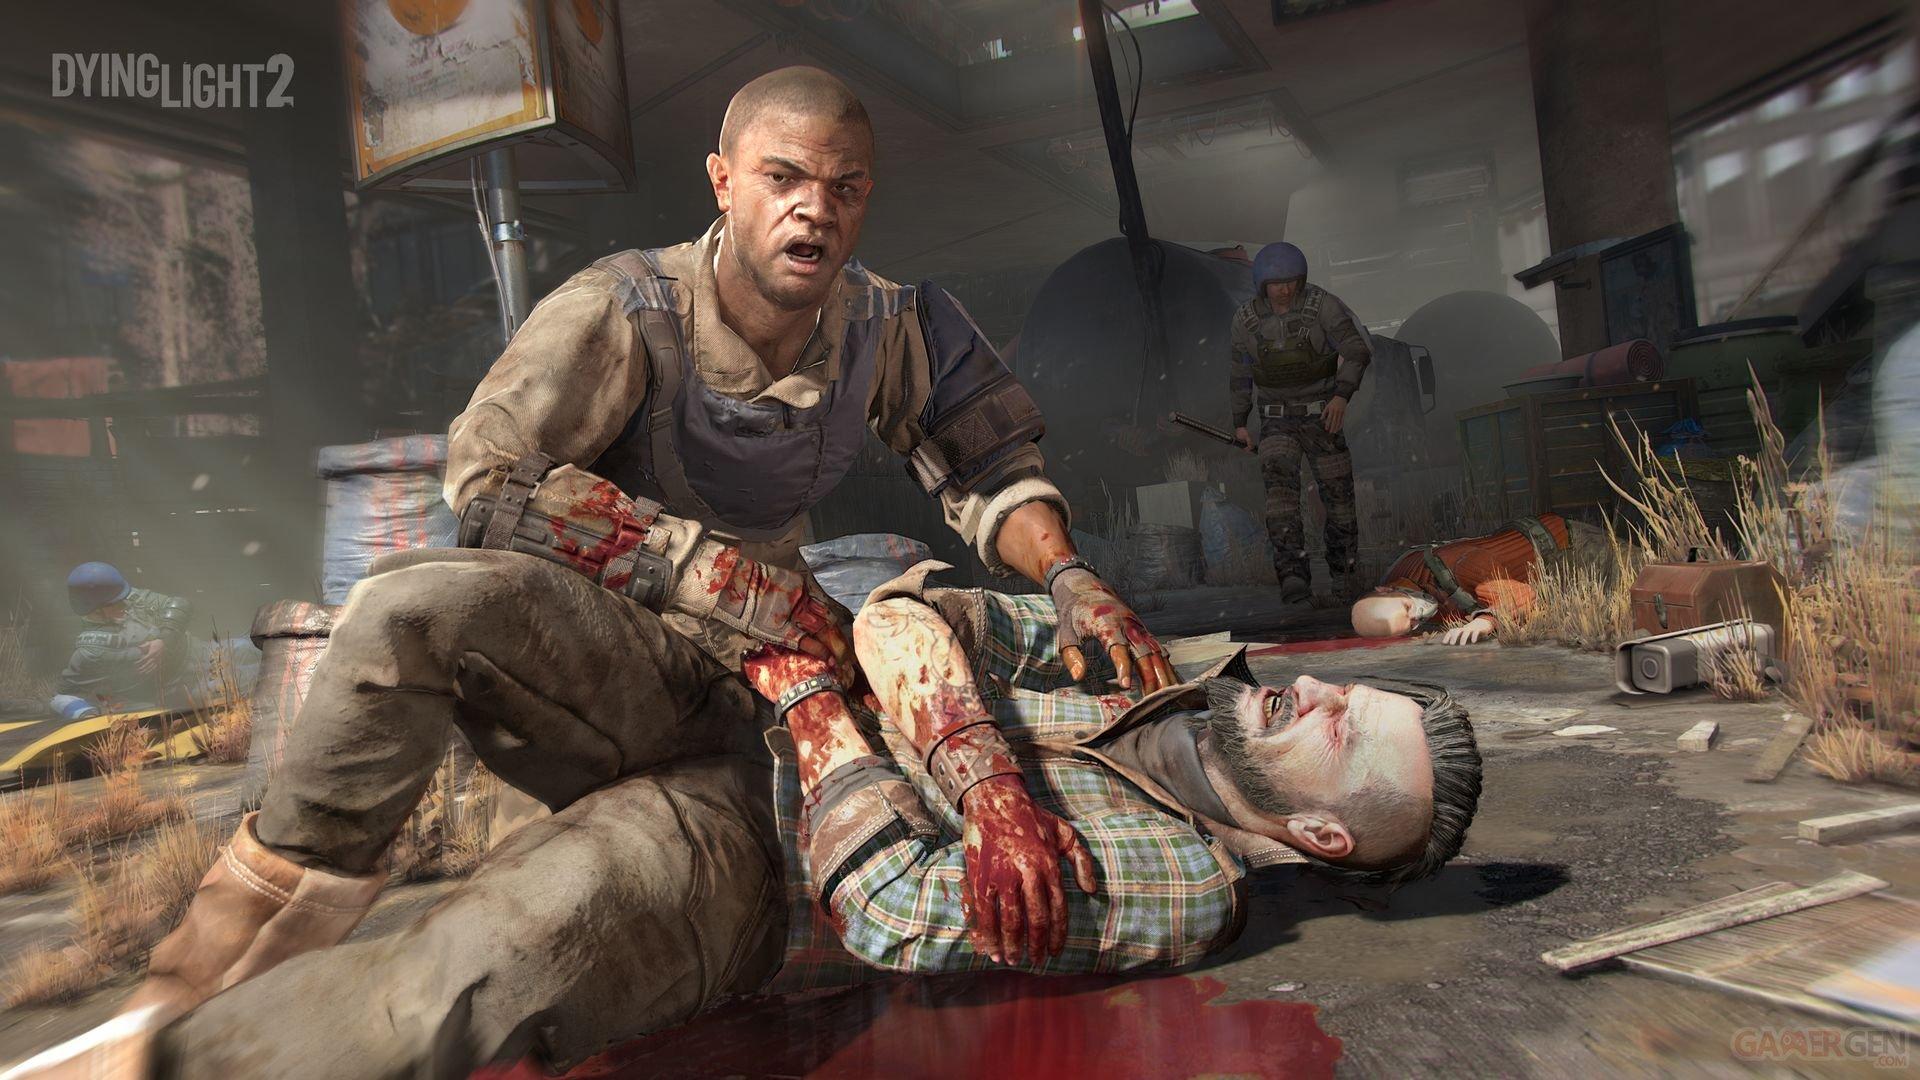 L'écrivain et directeur artistique de Dying Light 2 quitte Techland